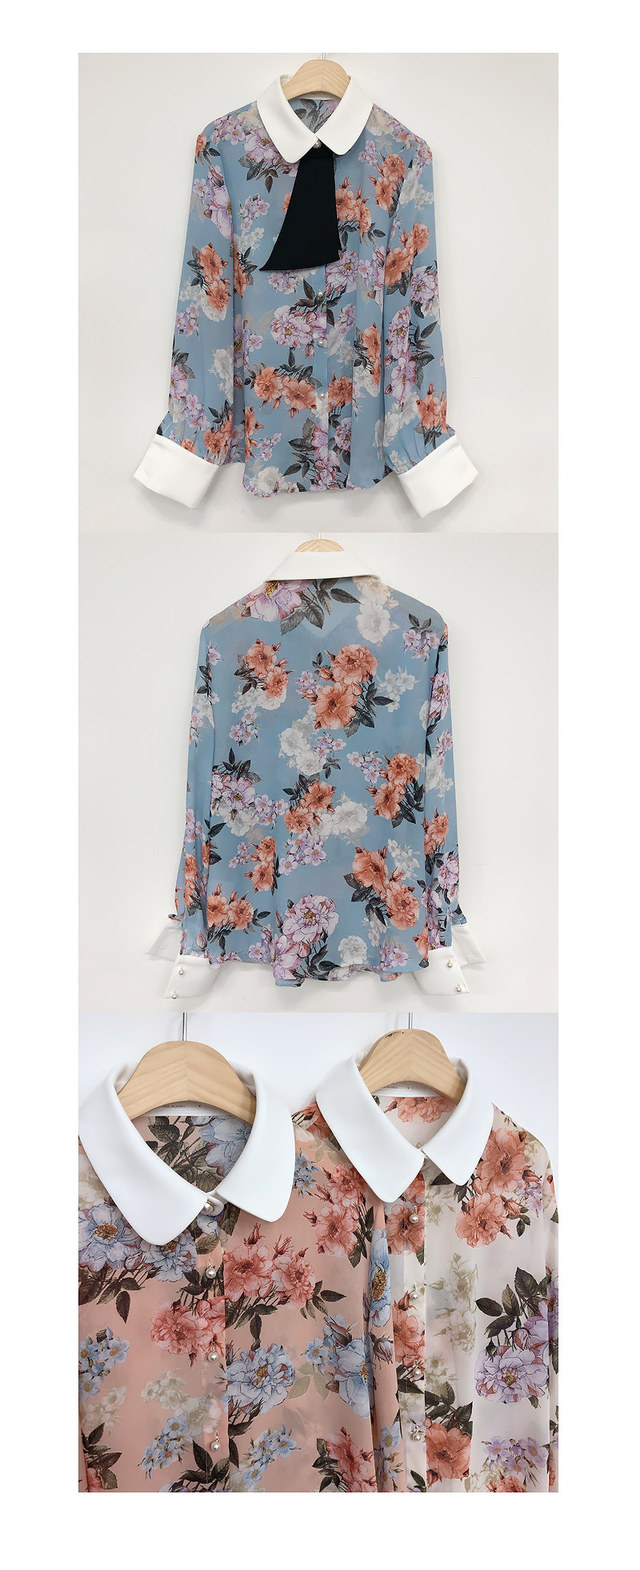 Order rush ♥ flower flower tie blouse